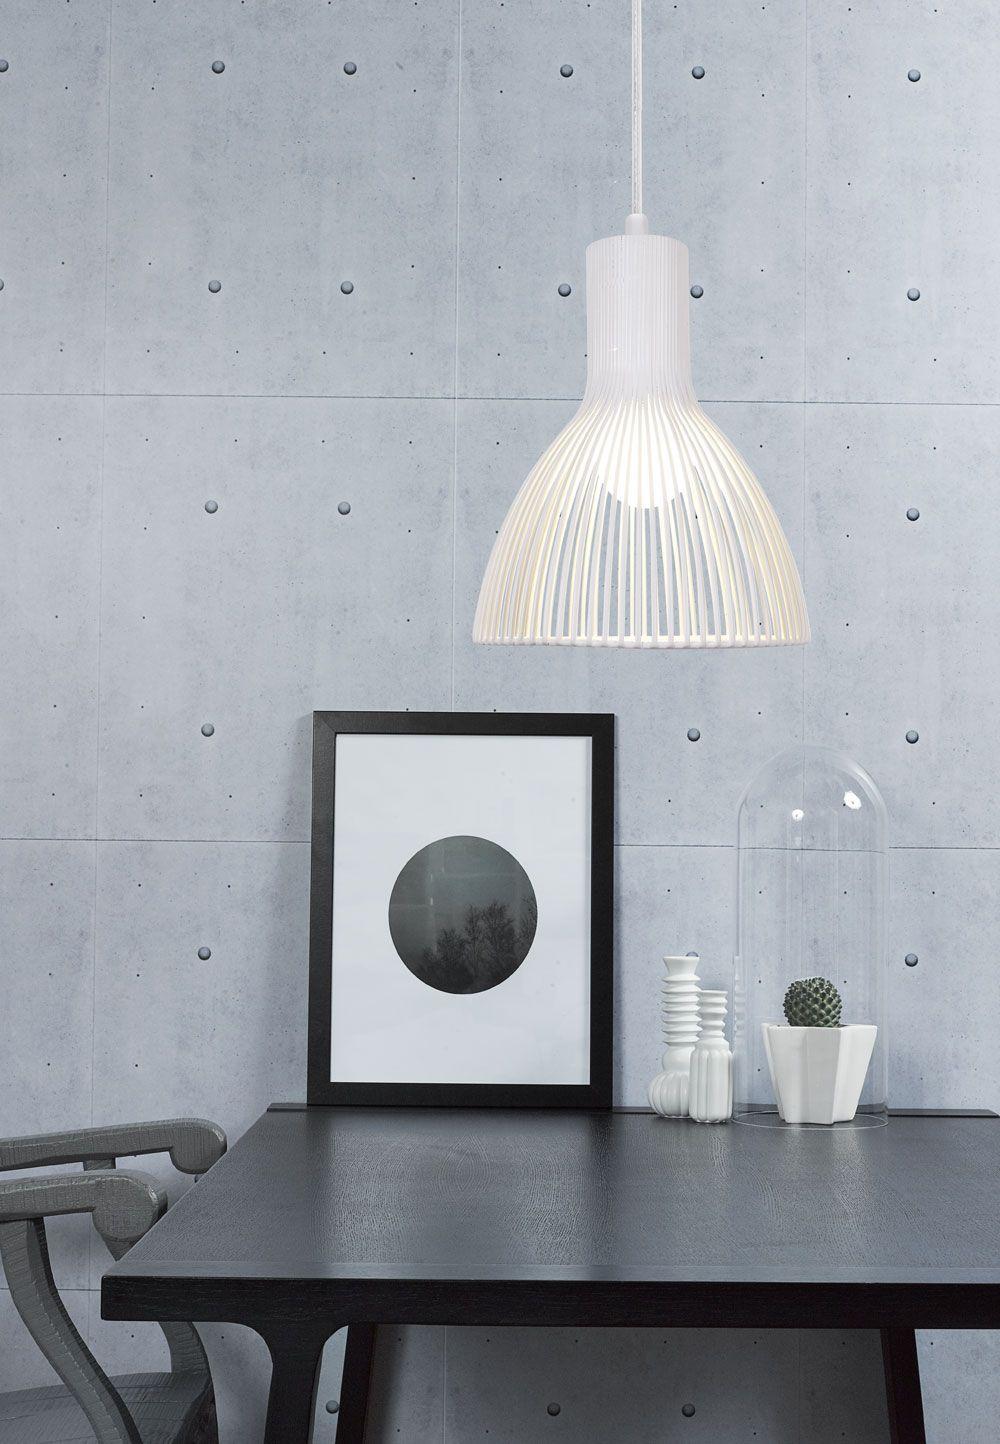 Ausgezeichnet Rabatt Anhänger Beleuchtung Küche Ideen - Ideen Für ...